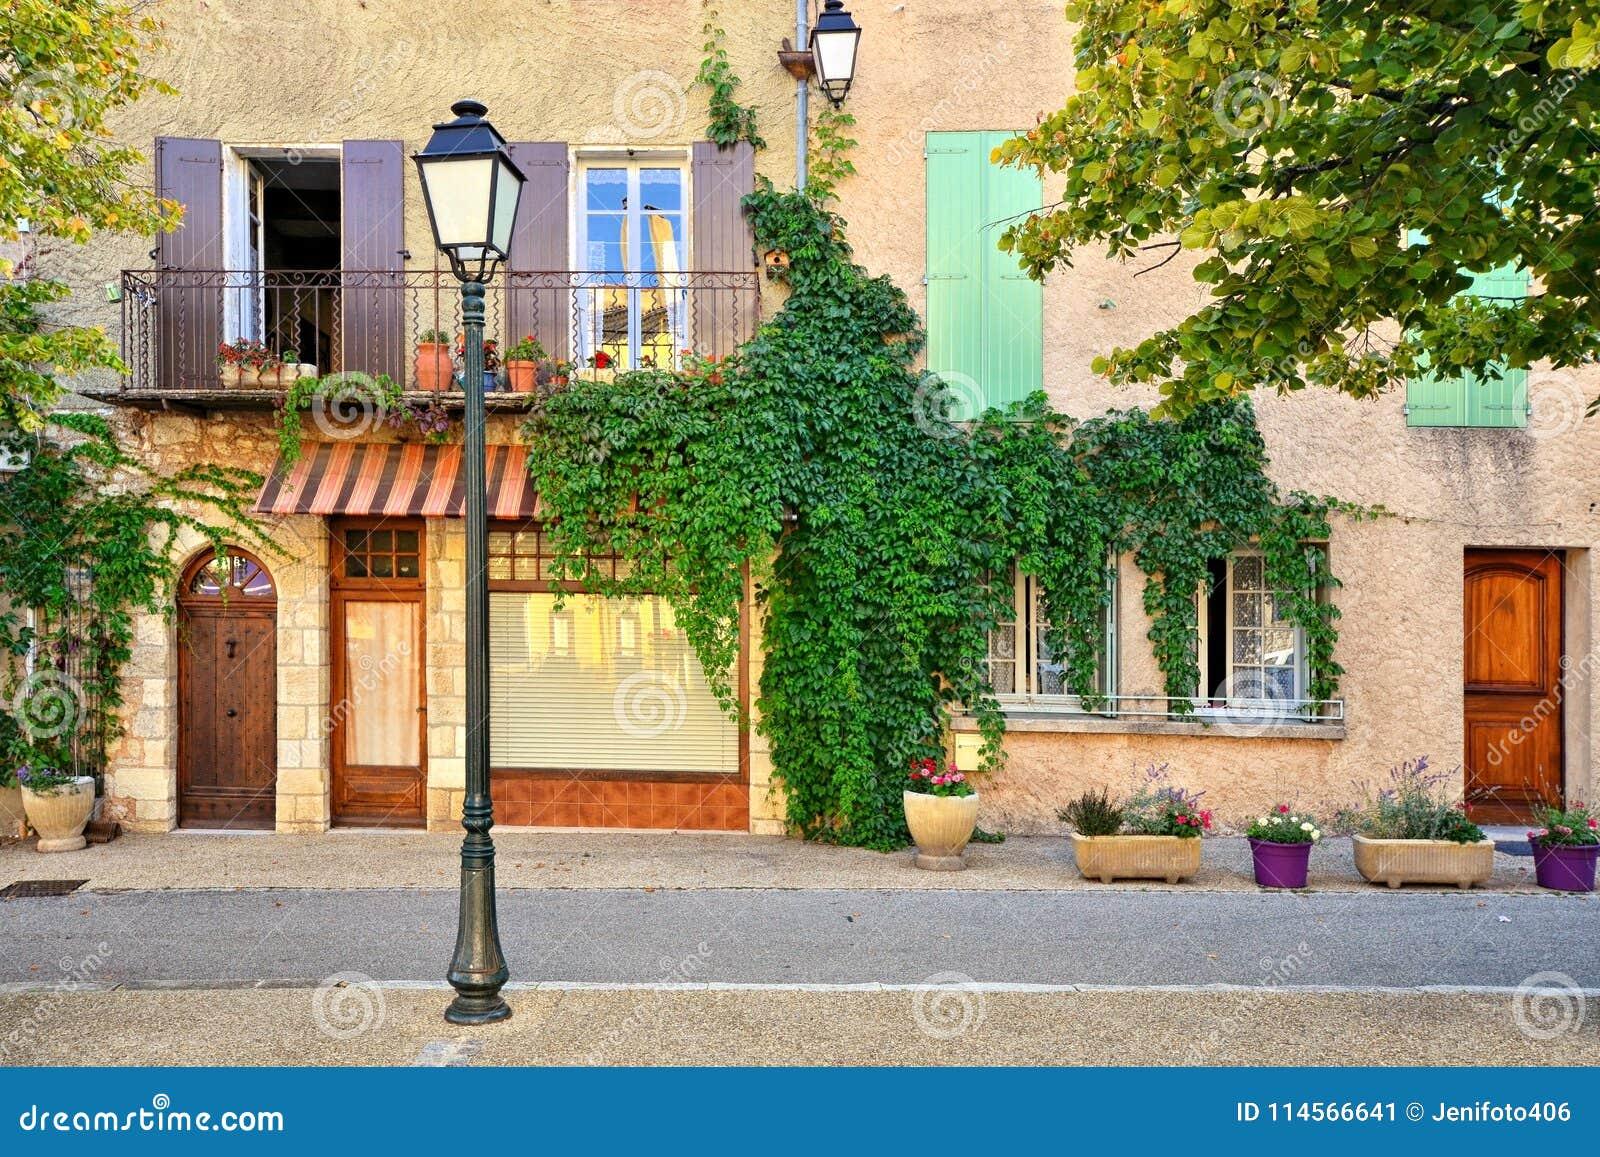 La casa frondosa fronteggia con le finestre con le imposte, Provenza, Francia